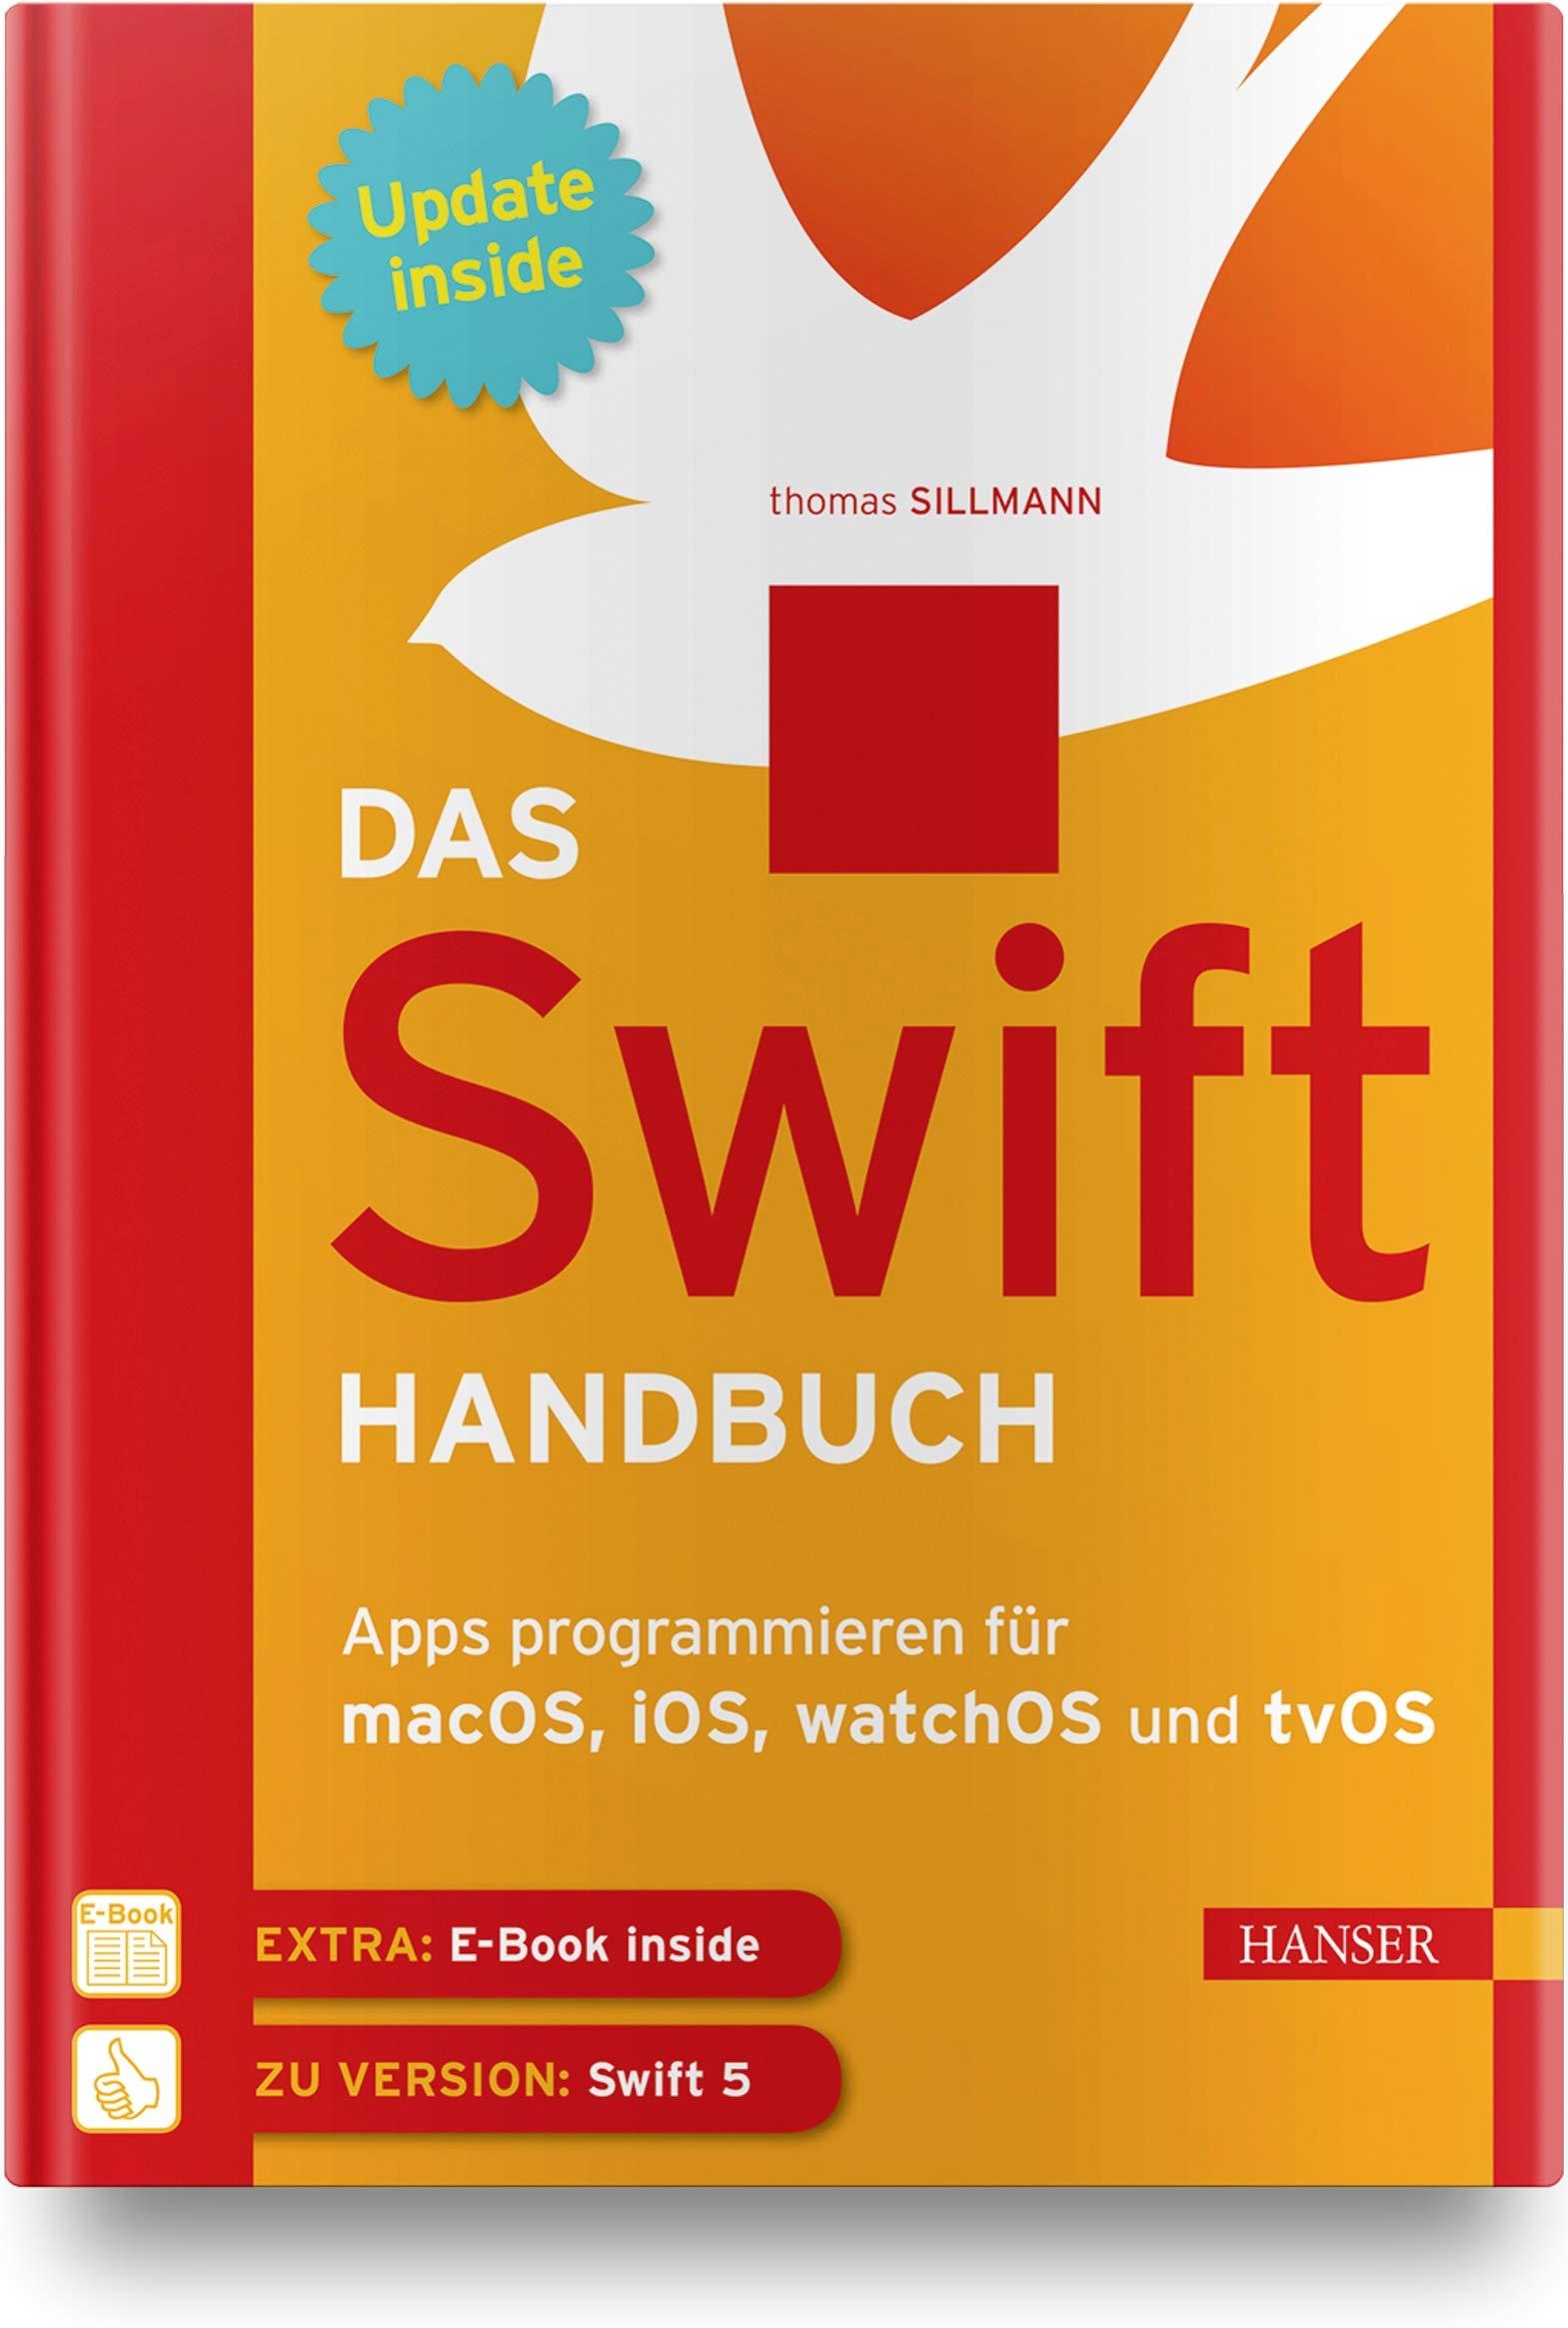 Das Swift Handbuch  Apps Programmieren Für MacOS IOS WatchOS Und TvOS. Inkl. E Book Und Updates Zum Buch